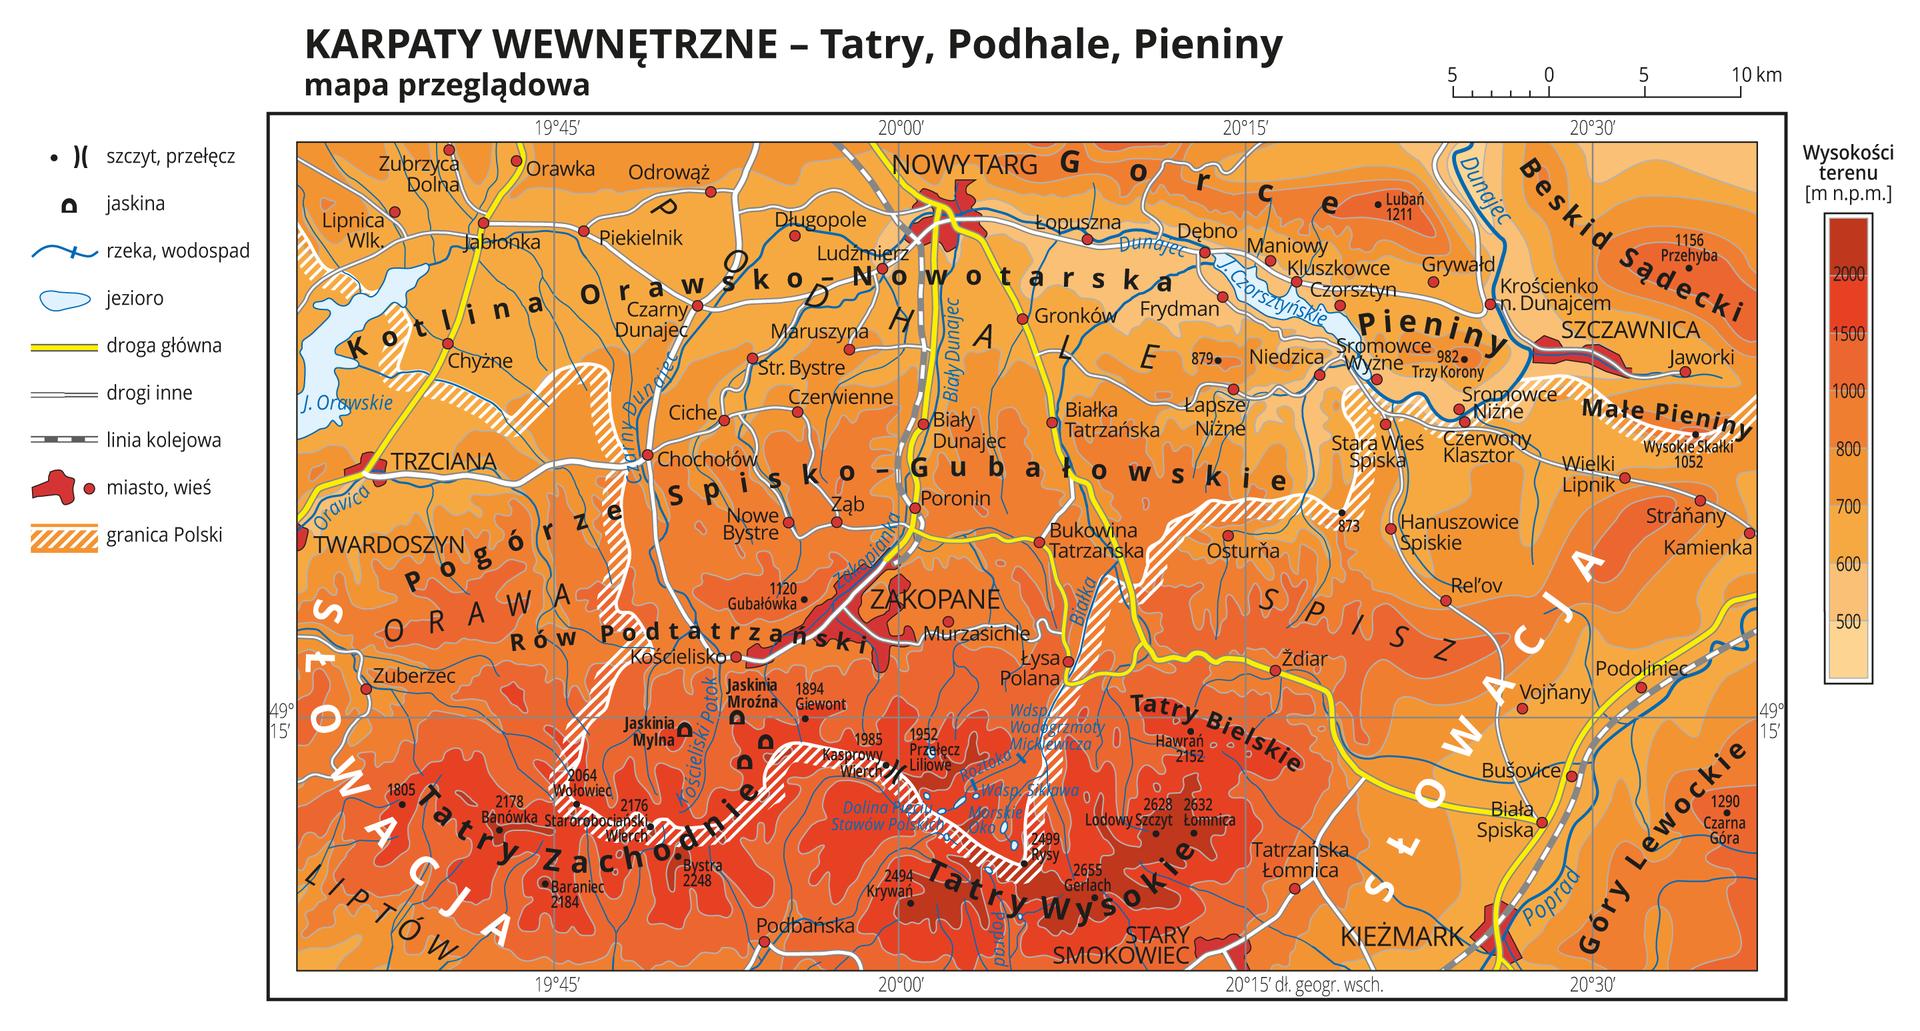 Ilustracja przedstawia mapę przeglądową Karpat Wewnętrznych – Tatr, Podhala iPienin.Na mapie szarymi liniami przedstawiono poziomice, kolorami od jasnopomarańczowego do czerwonego przedstawiono wysokości nad poziom morza (od pięciuset metrów do ponad dwóch tysięcy metrów nad poziomem morza). Czarną kropką przedstawiono szczyty iopisano ich nazwy oraz wysokości. Oznaczono iopisano również przełęcze ijaskinie. Na mapie przedstawiono iopisano rzeki ijeziora. Białą kreskowaną wstążką przedstawiono granicę Polski. Oznaczono miasta iwsie iopisano je oraz opisano nazwy państw sąsiadujących.Żółtymi liniami oznaczono główne drogi, białymi liniami oznaczono drogi inne, aliniami kreskowanymi oznaczono linie kolejowe.Dookoła mapy wbiałej ramce opisano współrzędne geograficzne co piętnaście minut. Po lewej stronie mapy objaśniono znaki użyte na mapie, apo prawej stronie mapy objaśniono barwy hipsometryczne: od jasnopomarańczowej – pięćset metrów nad poziomem morza do ciemnoczerwonej – powyżej dwóch tysięcy metrów nad poziomem morza.